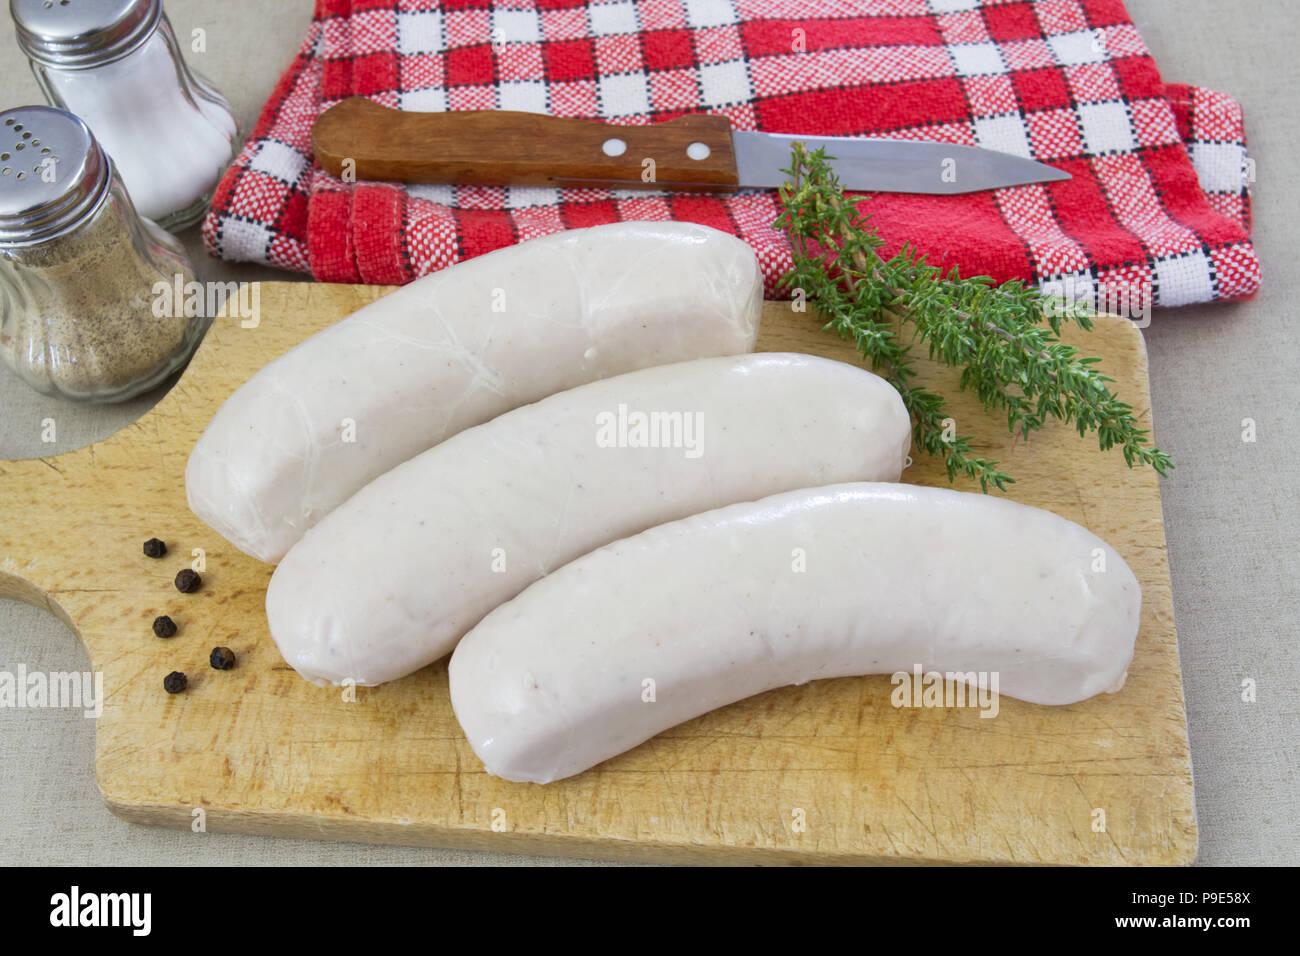 Vier weiße Pudding zu kochen Stockbild